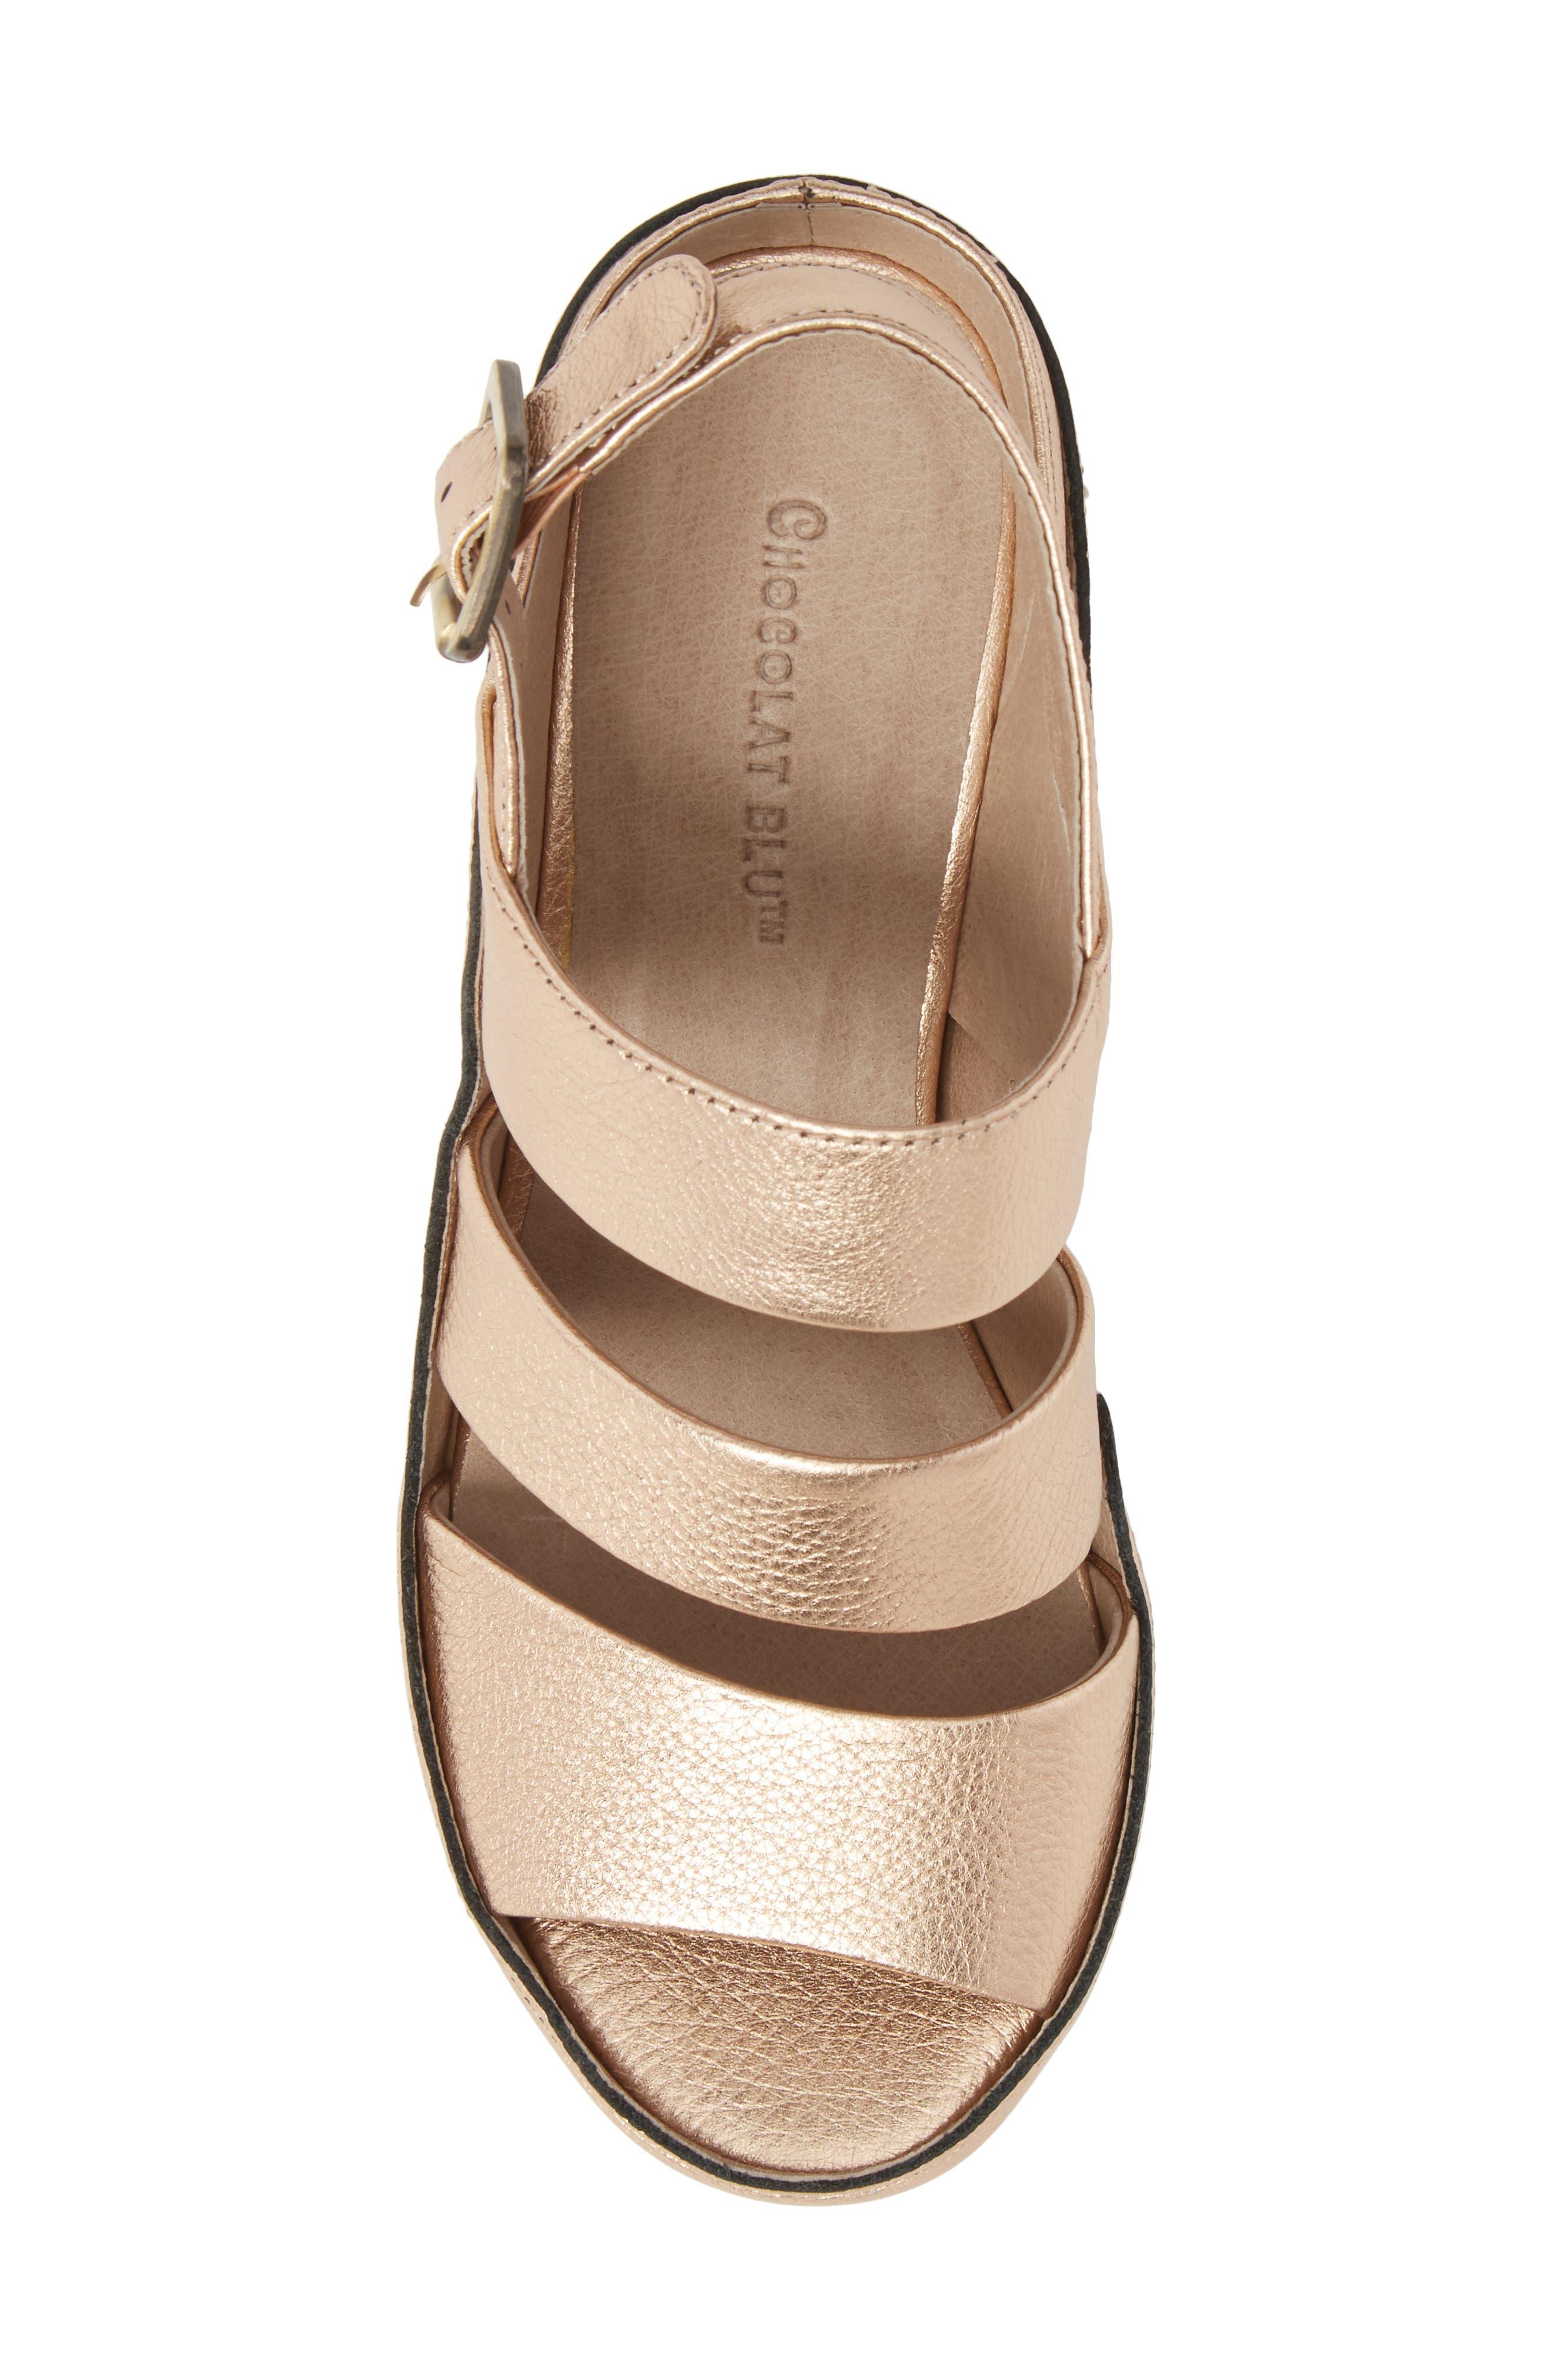 Windsor Platform Wedge Sandal,                             Alternate thumbnail 5, color,                             Rose Gold Leather